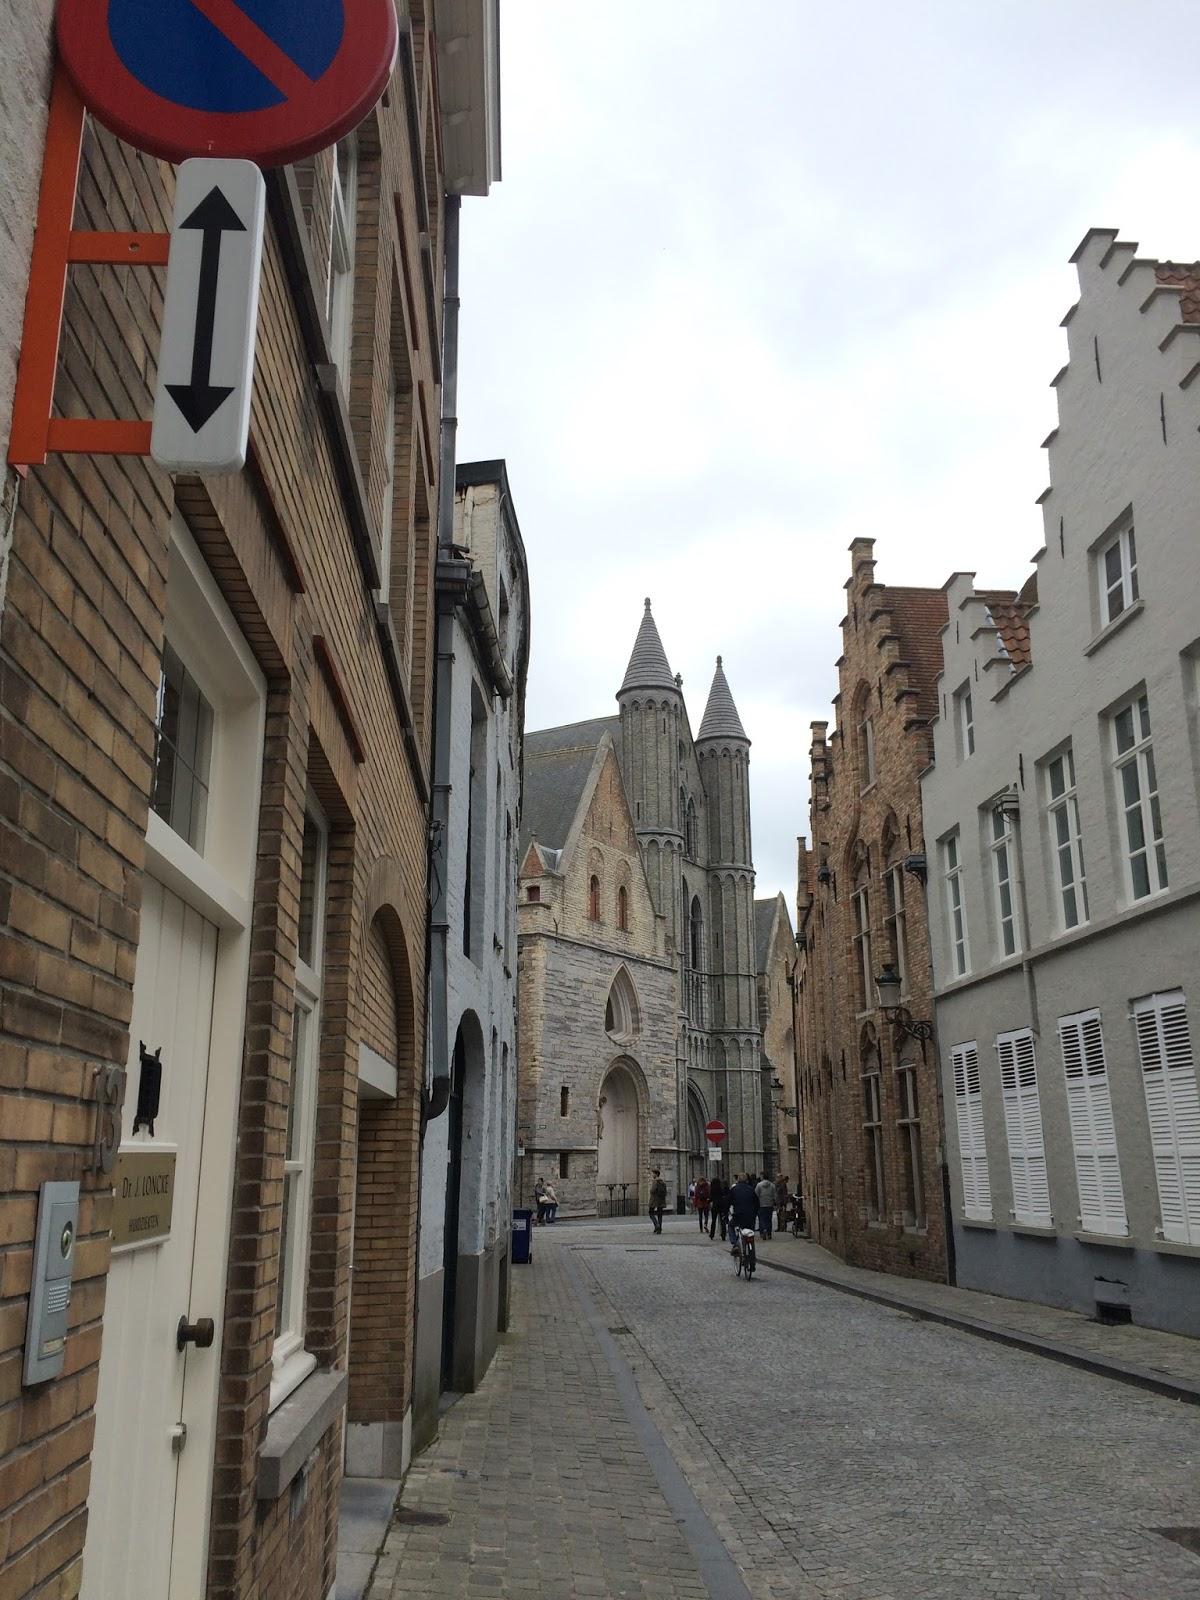 Lyman S Journey Bruges Belgium 2 Nights September 17 19